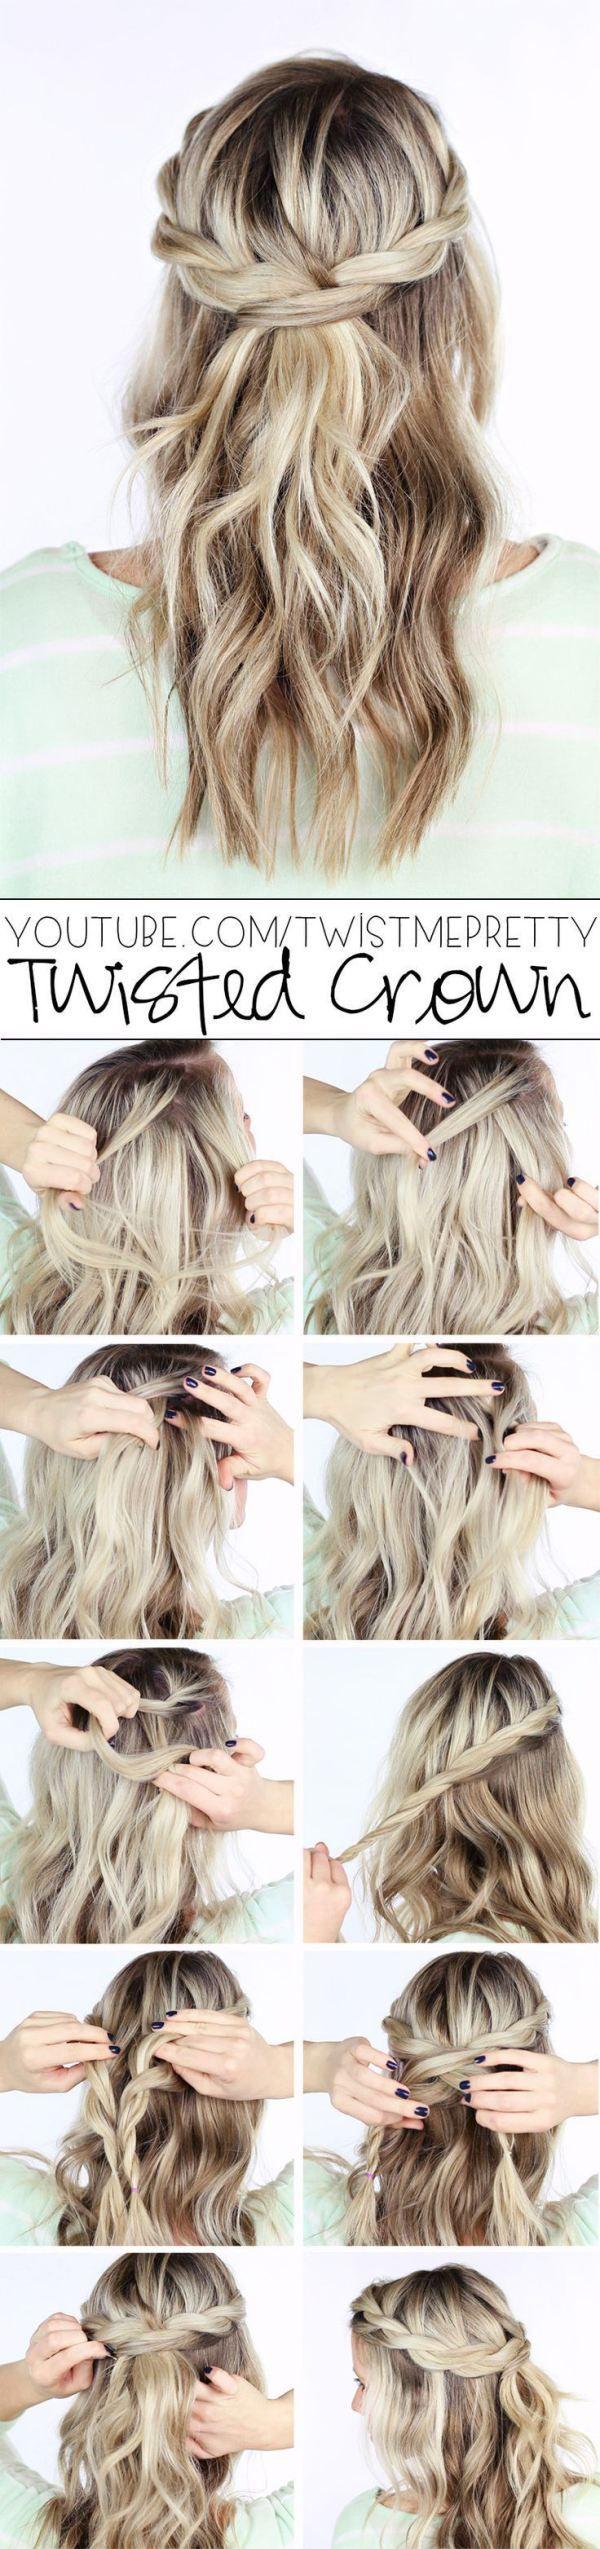 Strange 1000 Ideas About Braided Half Up On Pinterest Half Up Half Up Short Hairstyles Gunalazisus